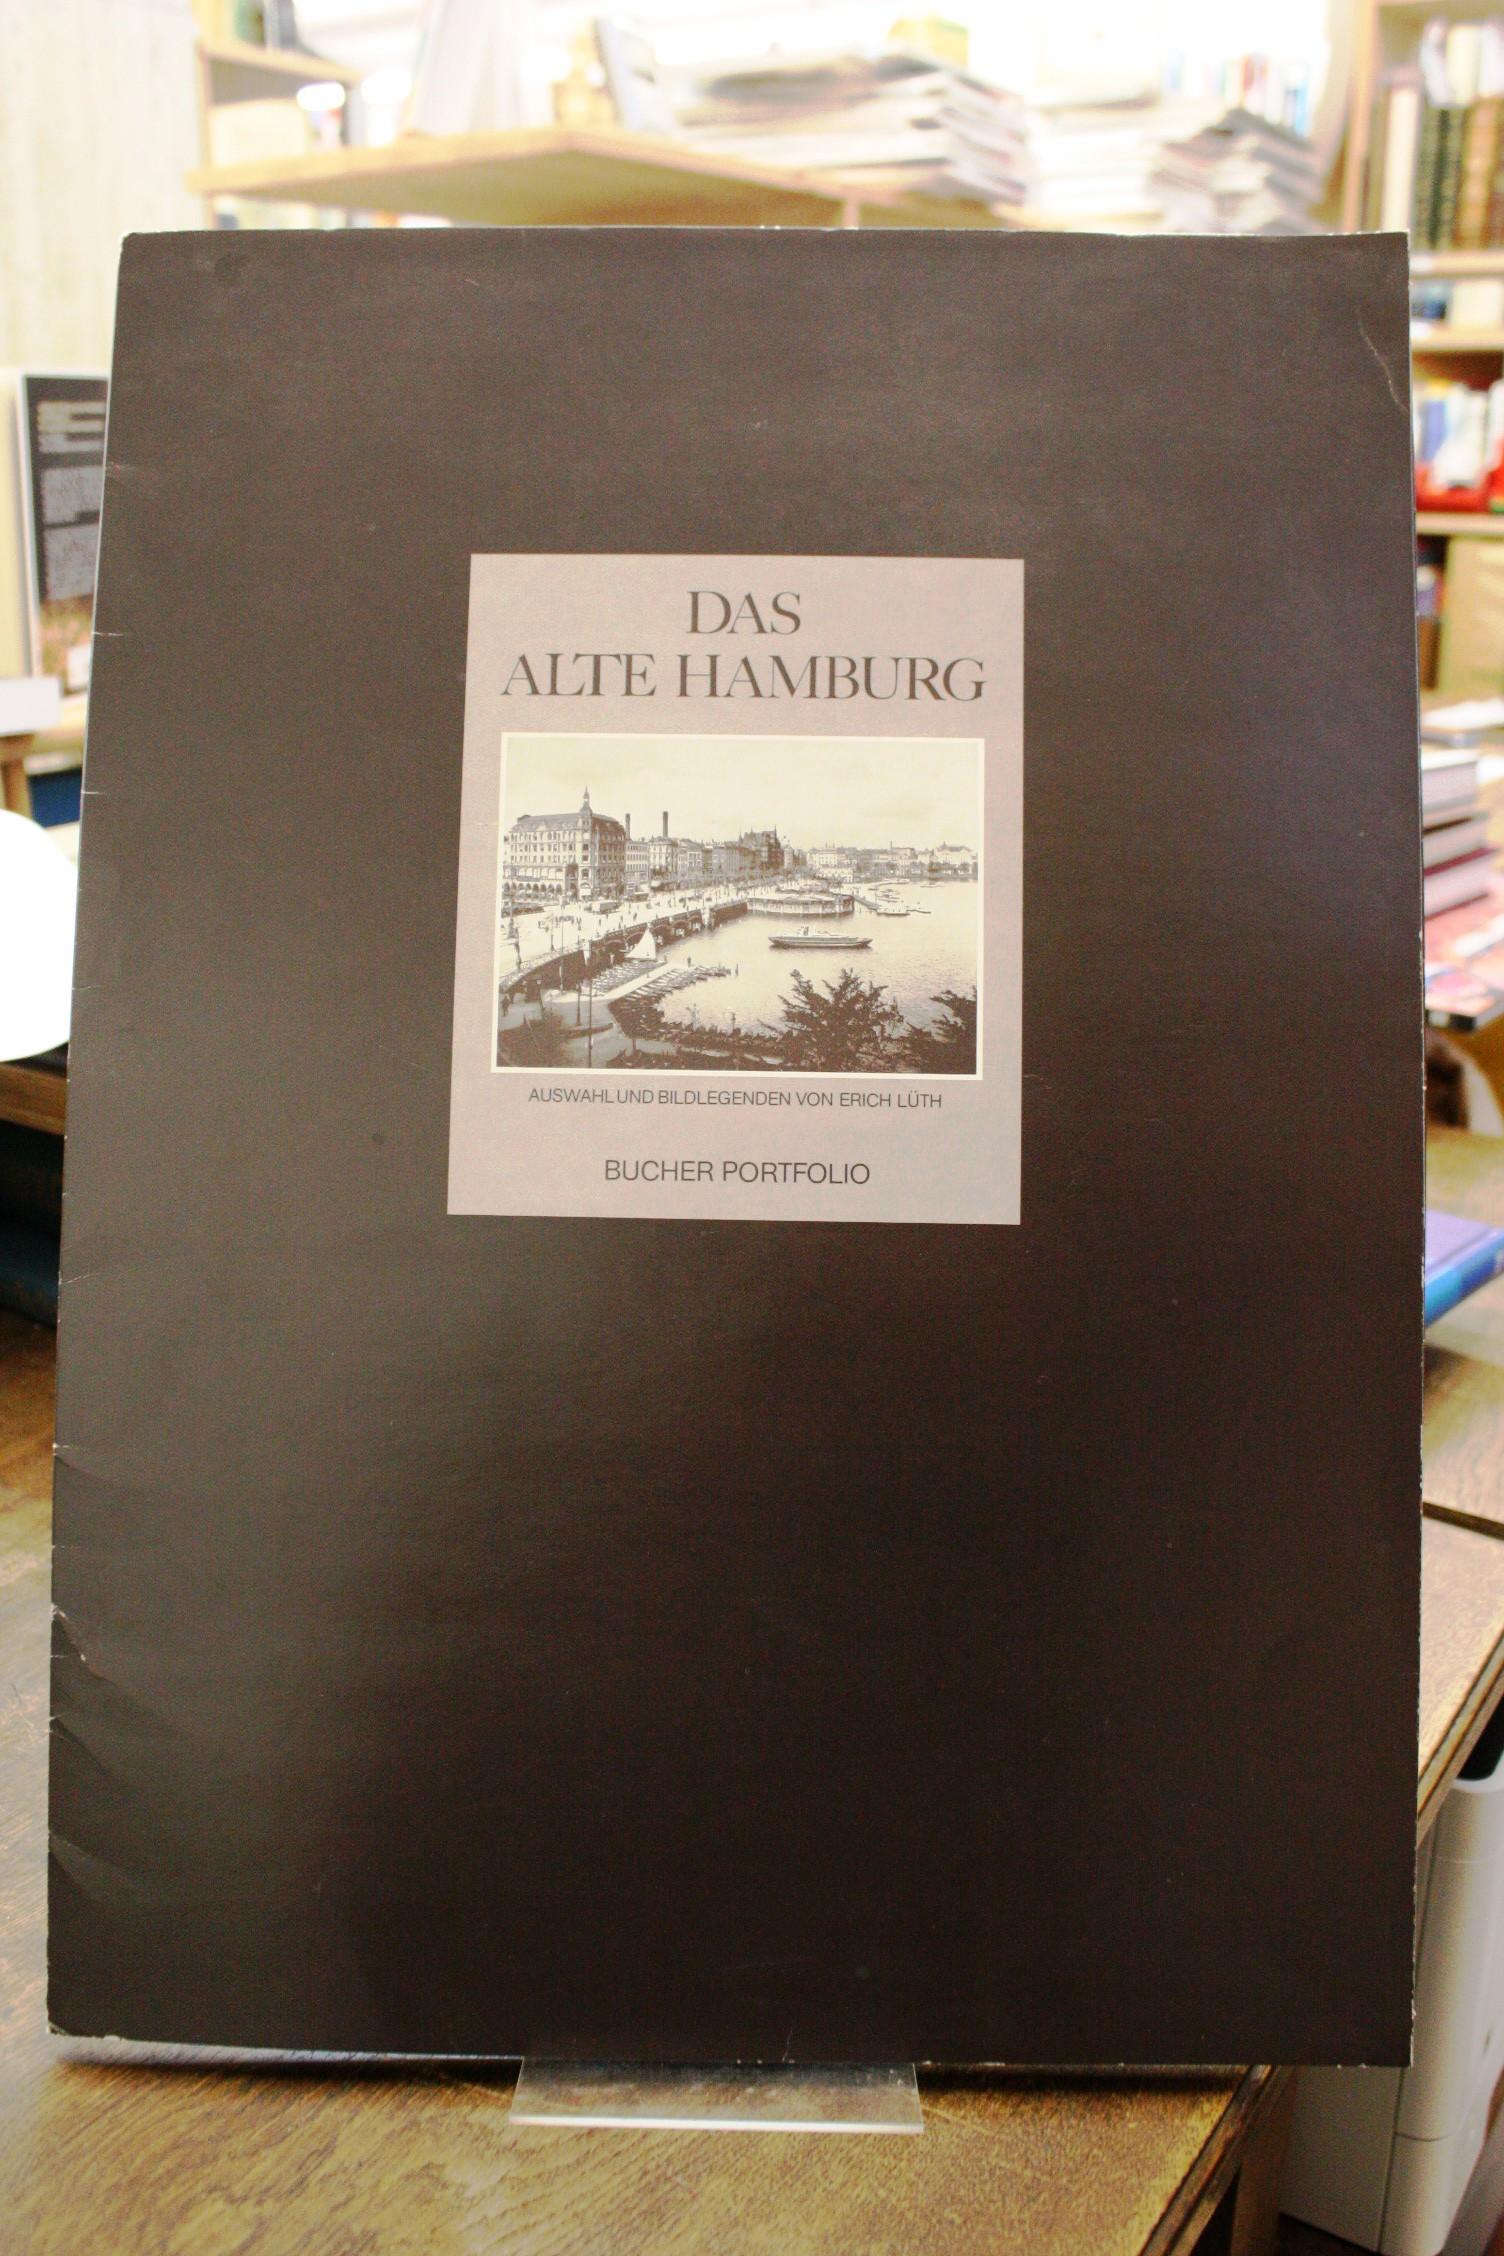 Das alte Hamburg